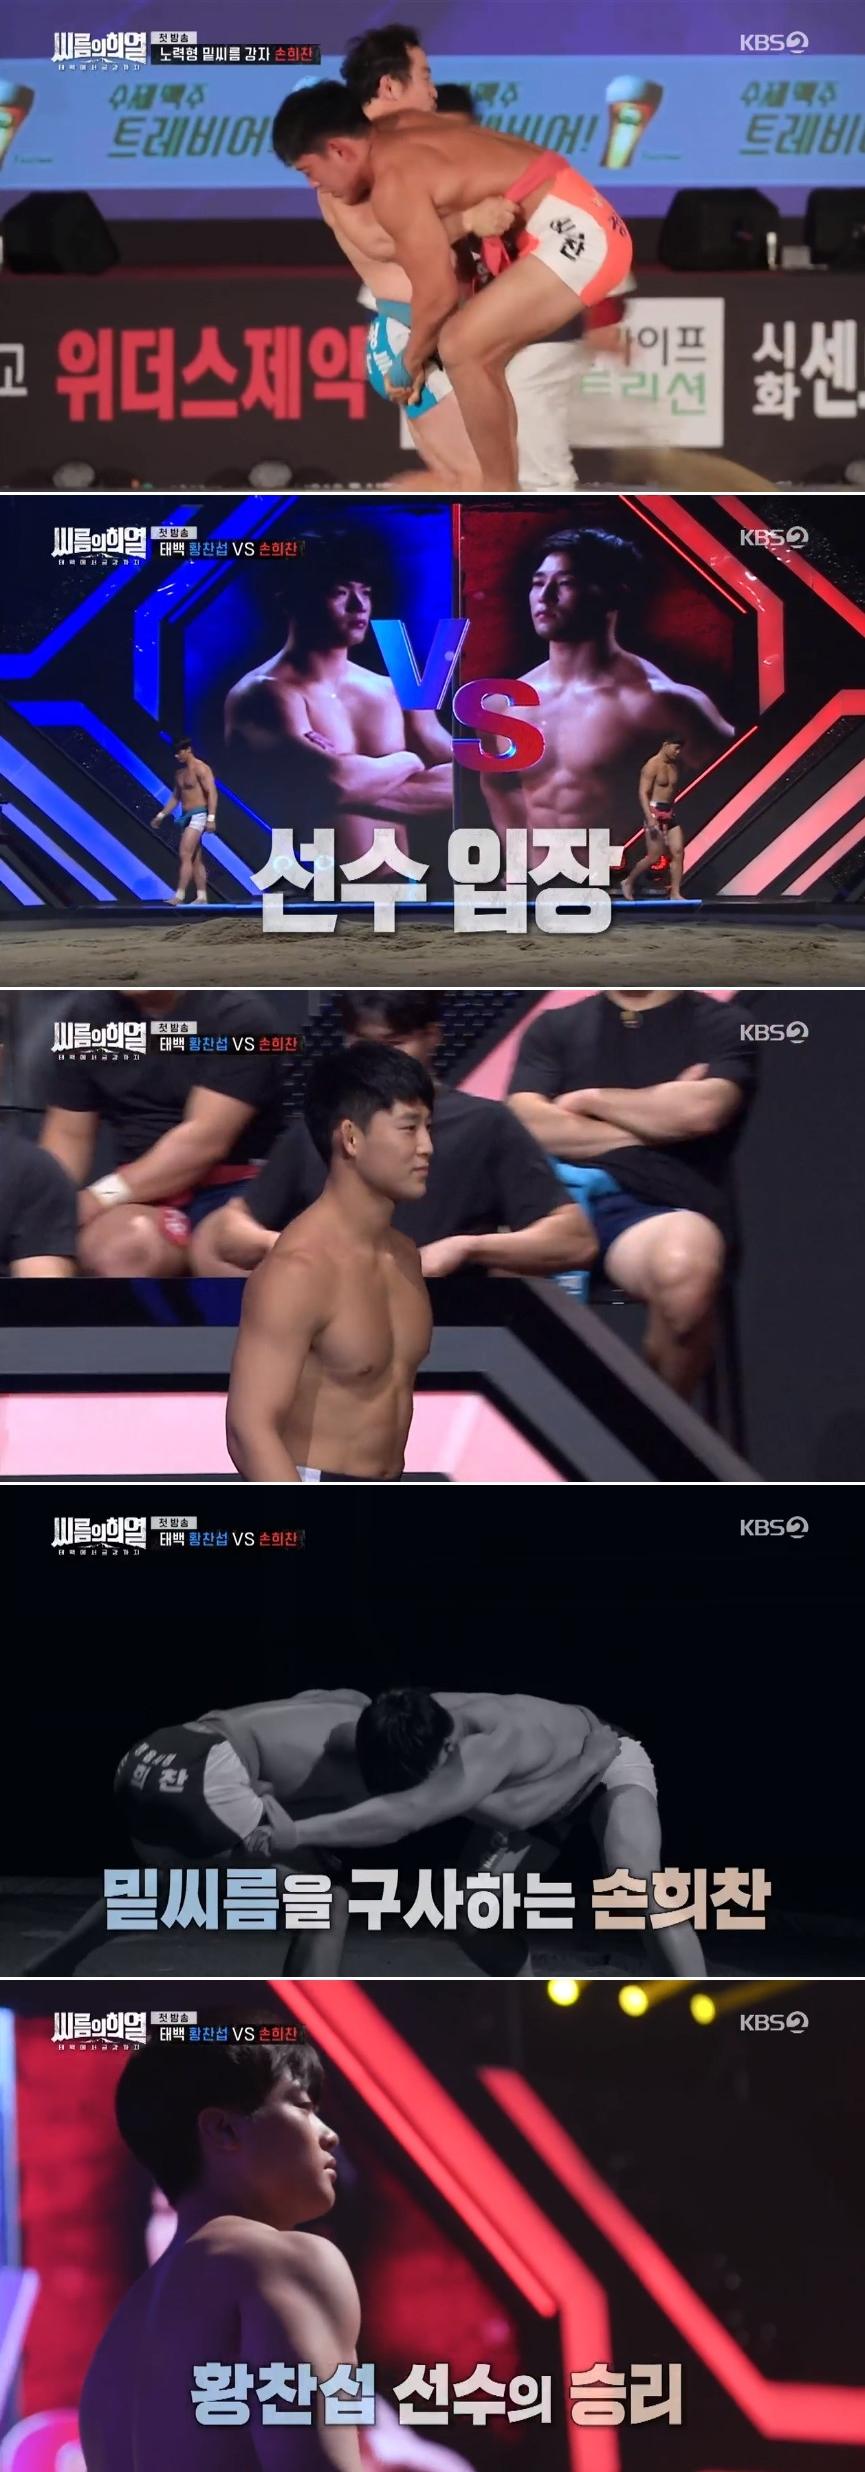 '씨름의 희열' 황찬섭 VS 손희찬, 라이벌의 막상막하 경기